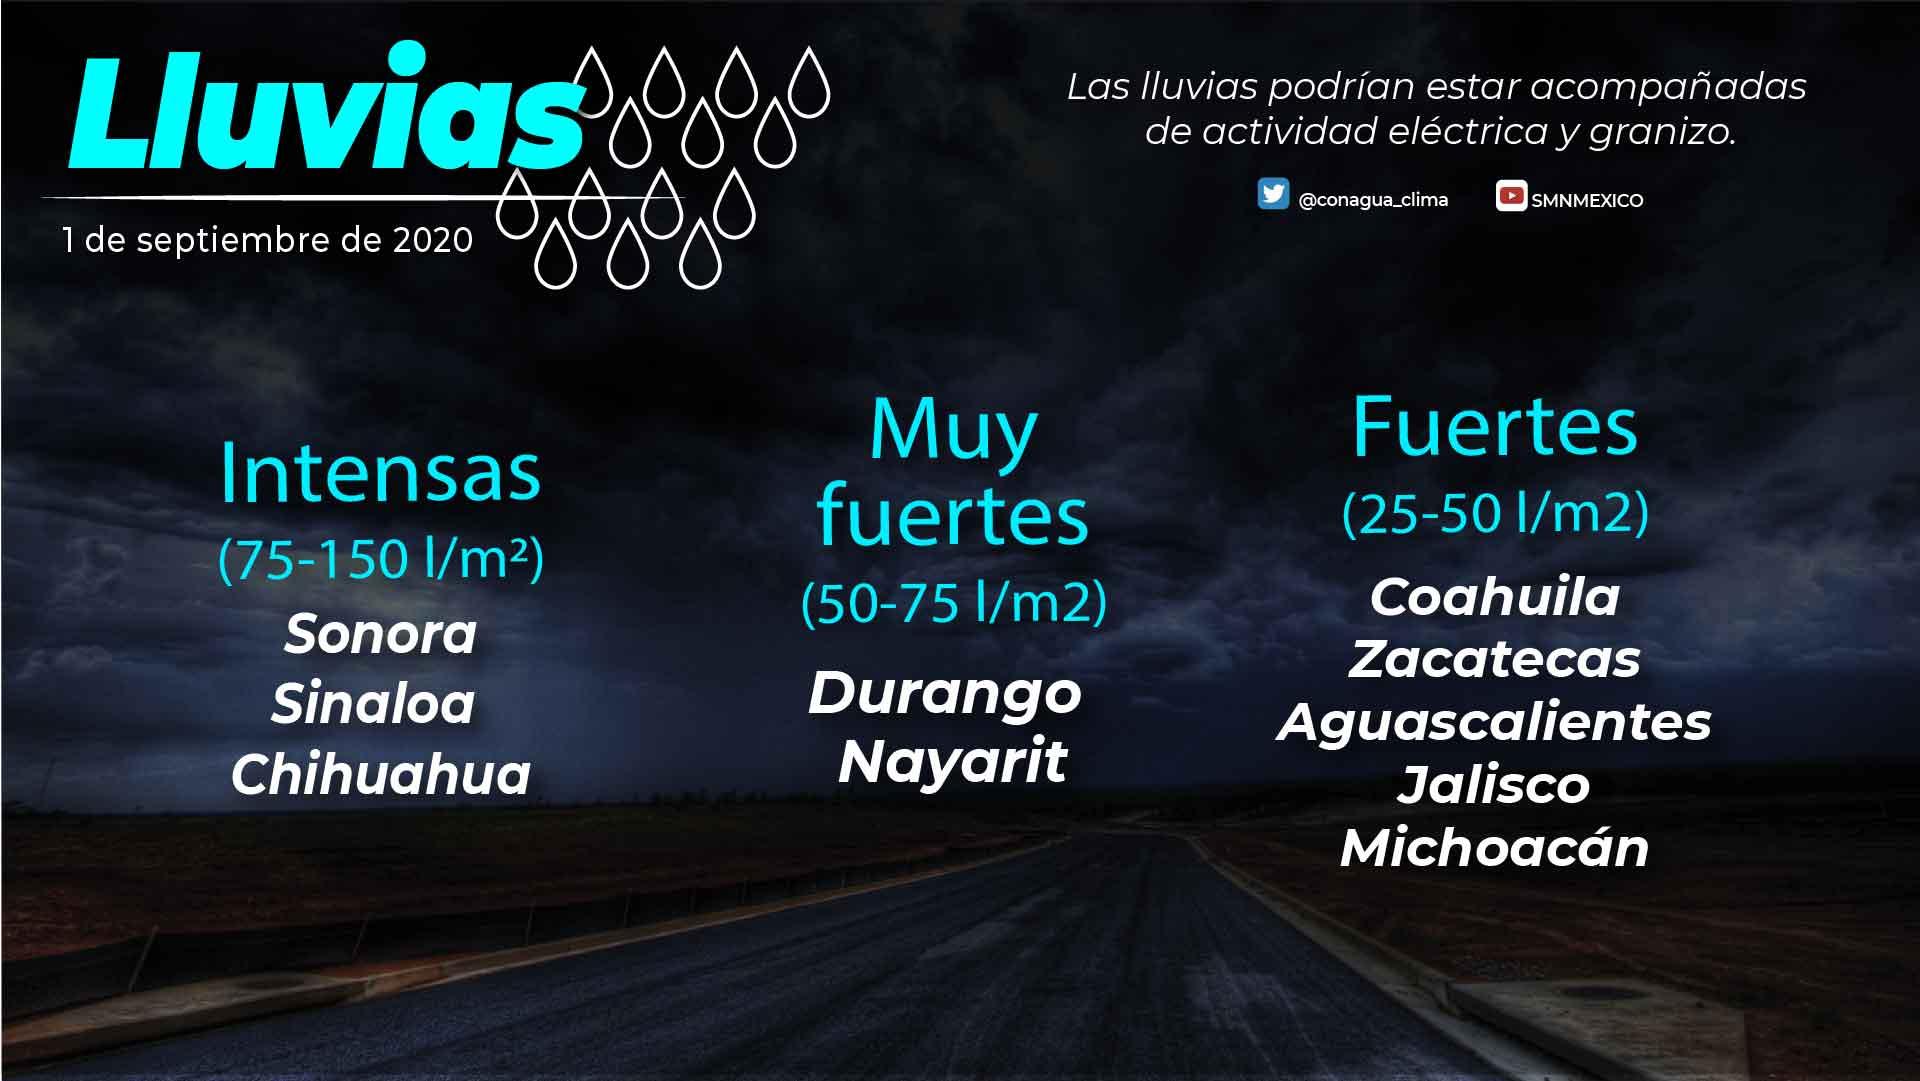 Esta noche, se pronostican lluvias moderadas para Tlaxcala